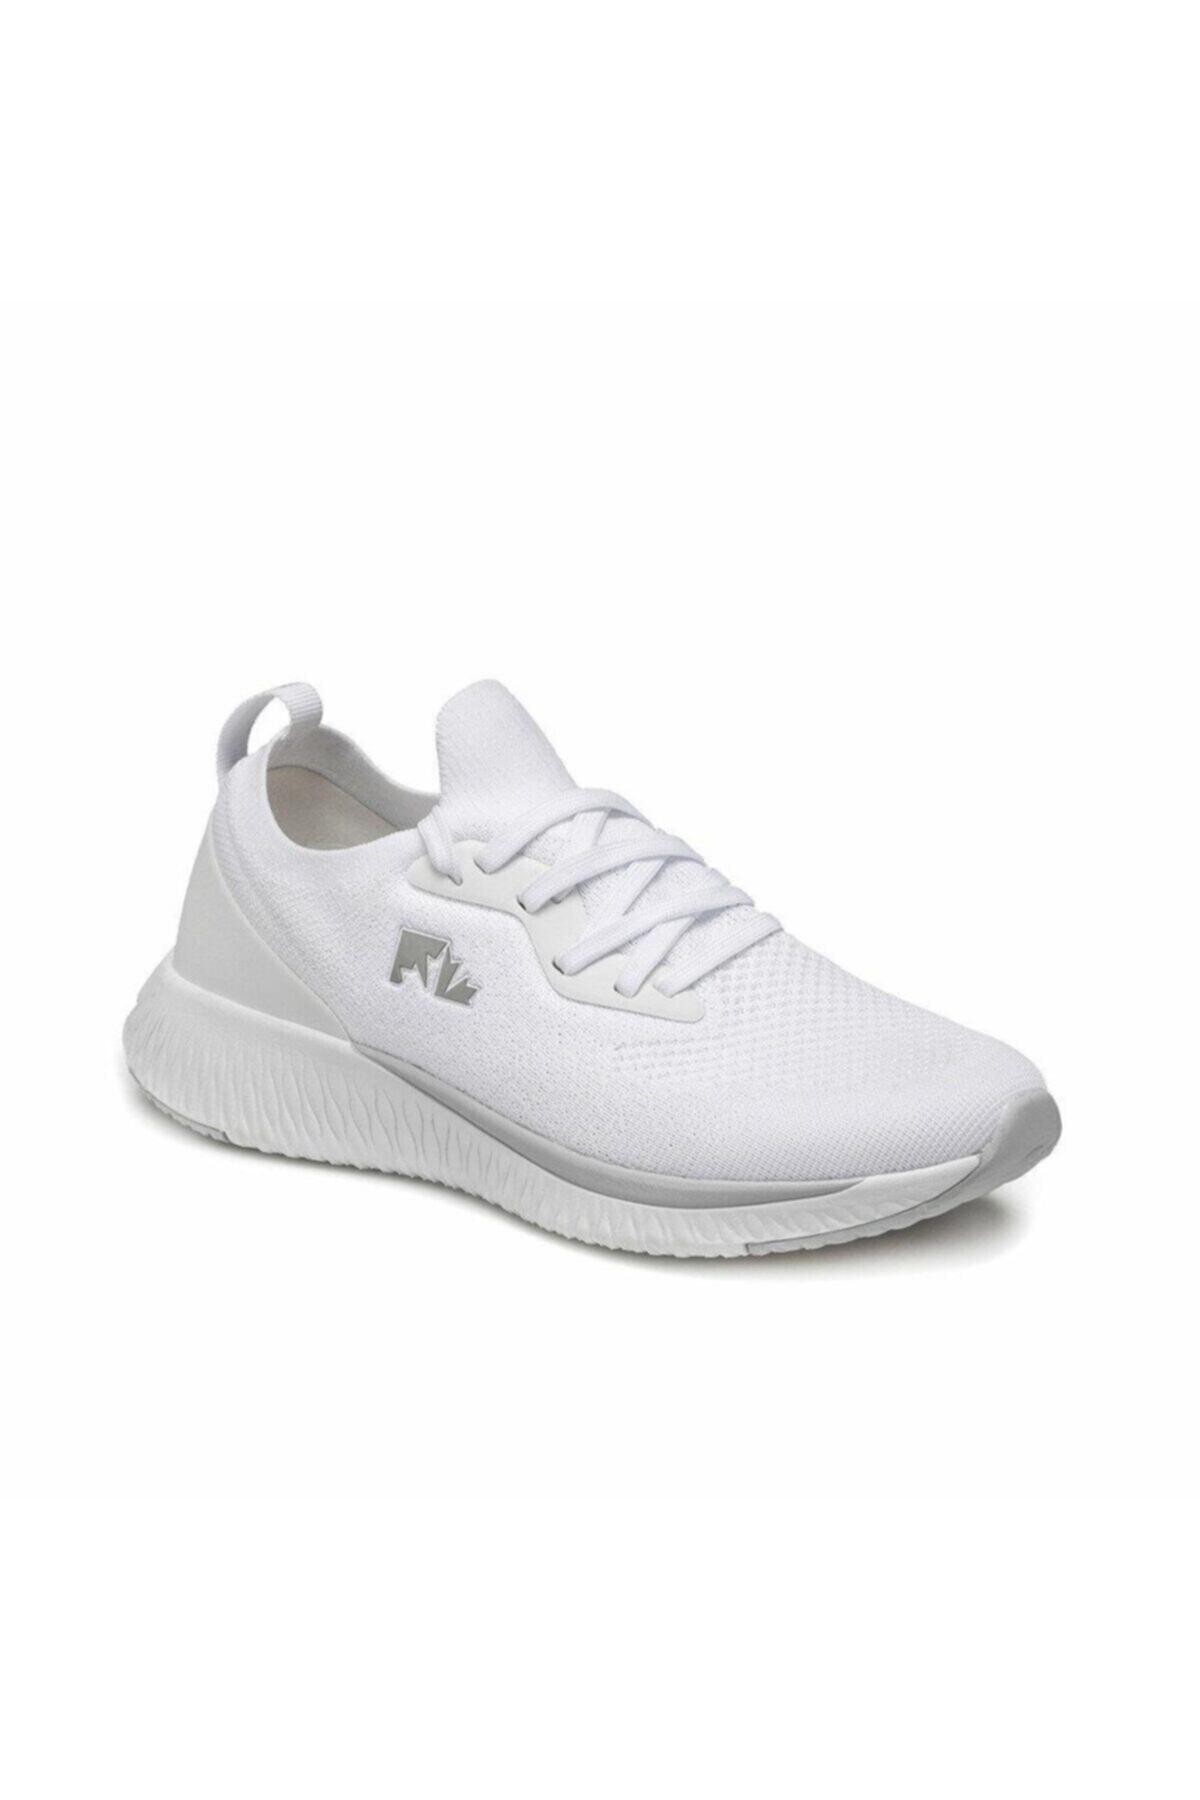 lumberjack CHARLEY Beyaz Erkek Koşu Ayakkabısı 100353764 2